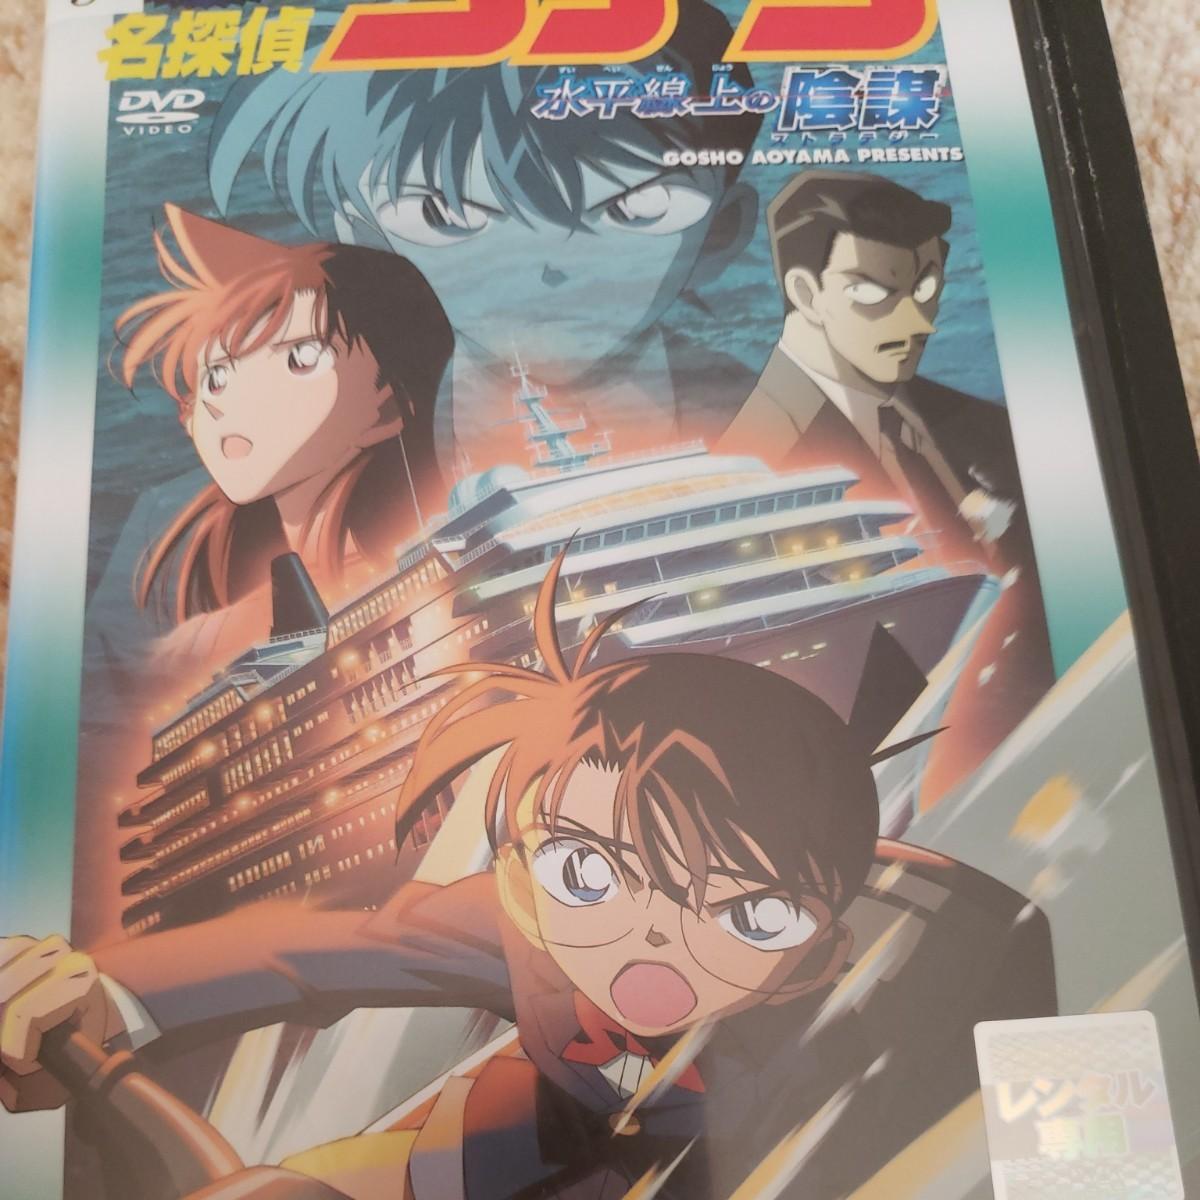 DVD 劇場版 名探偵コナン 水平線上の陰謀